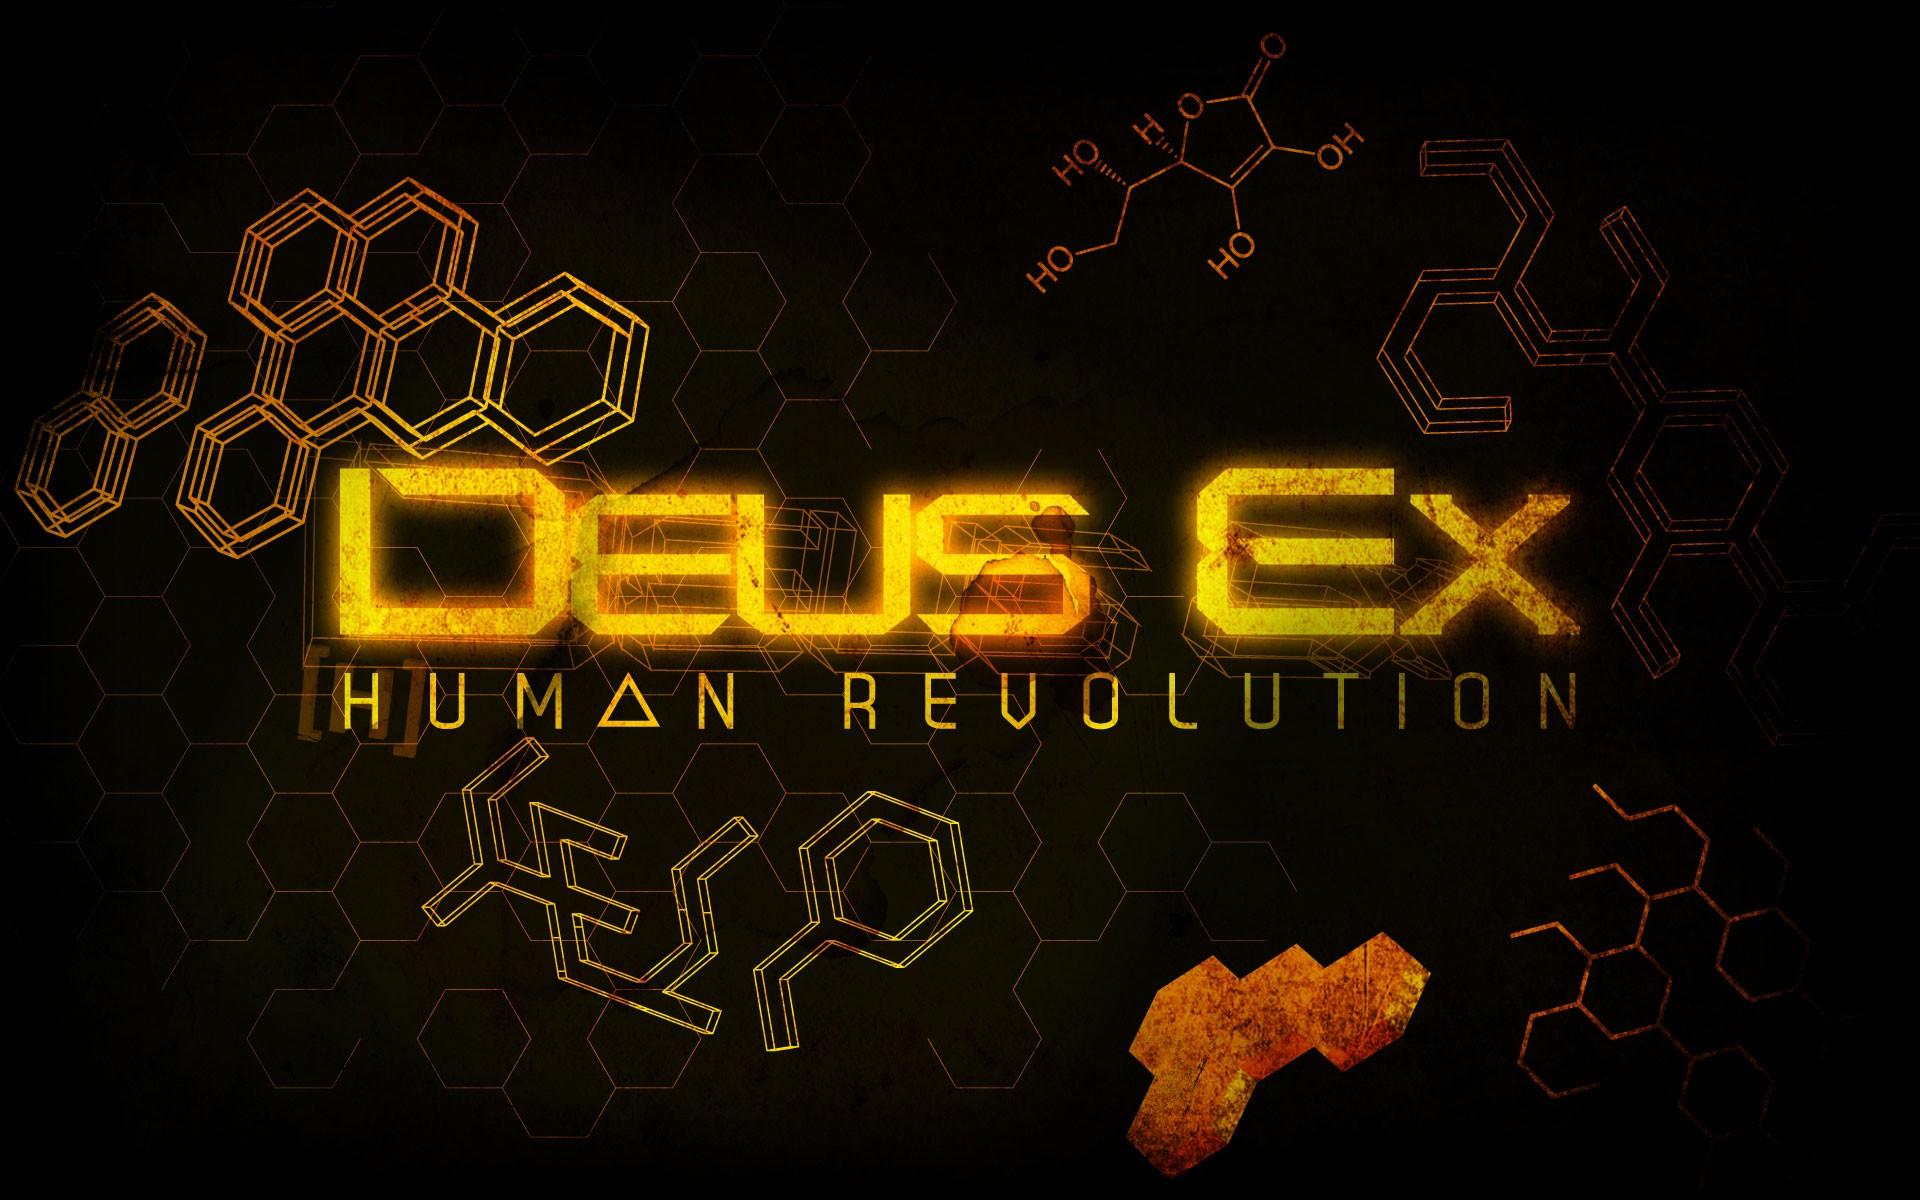 Deus Ex Wallpaper 1920x1200 Deus Ex Human Revolution Games 1920x1200